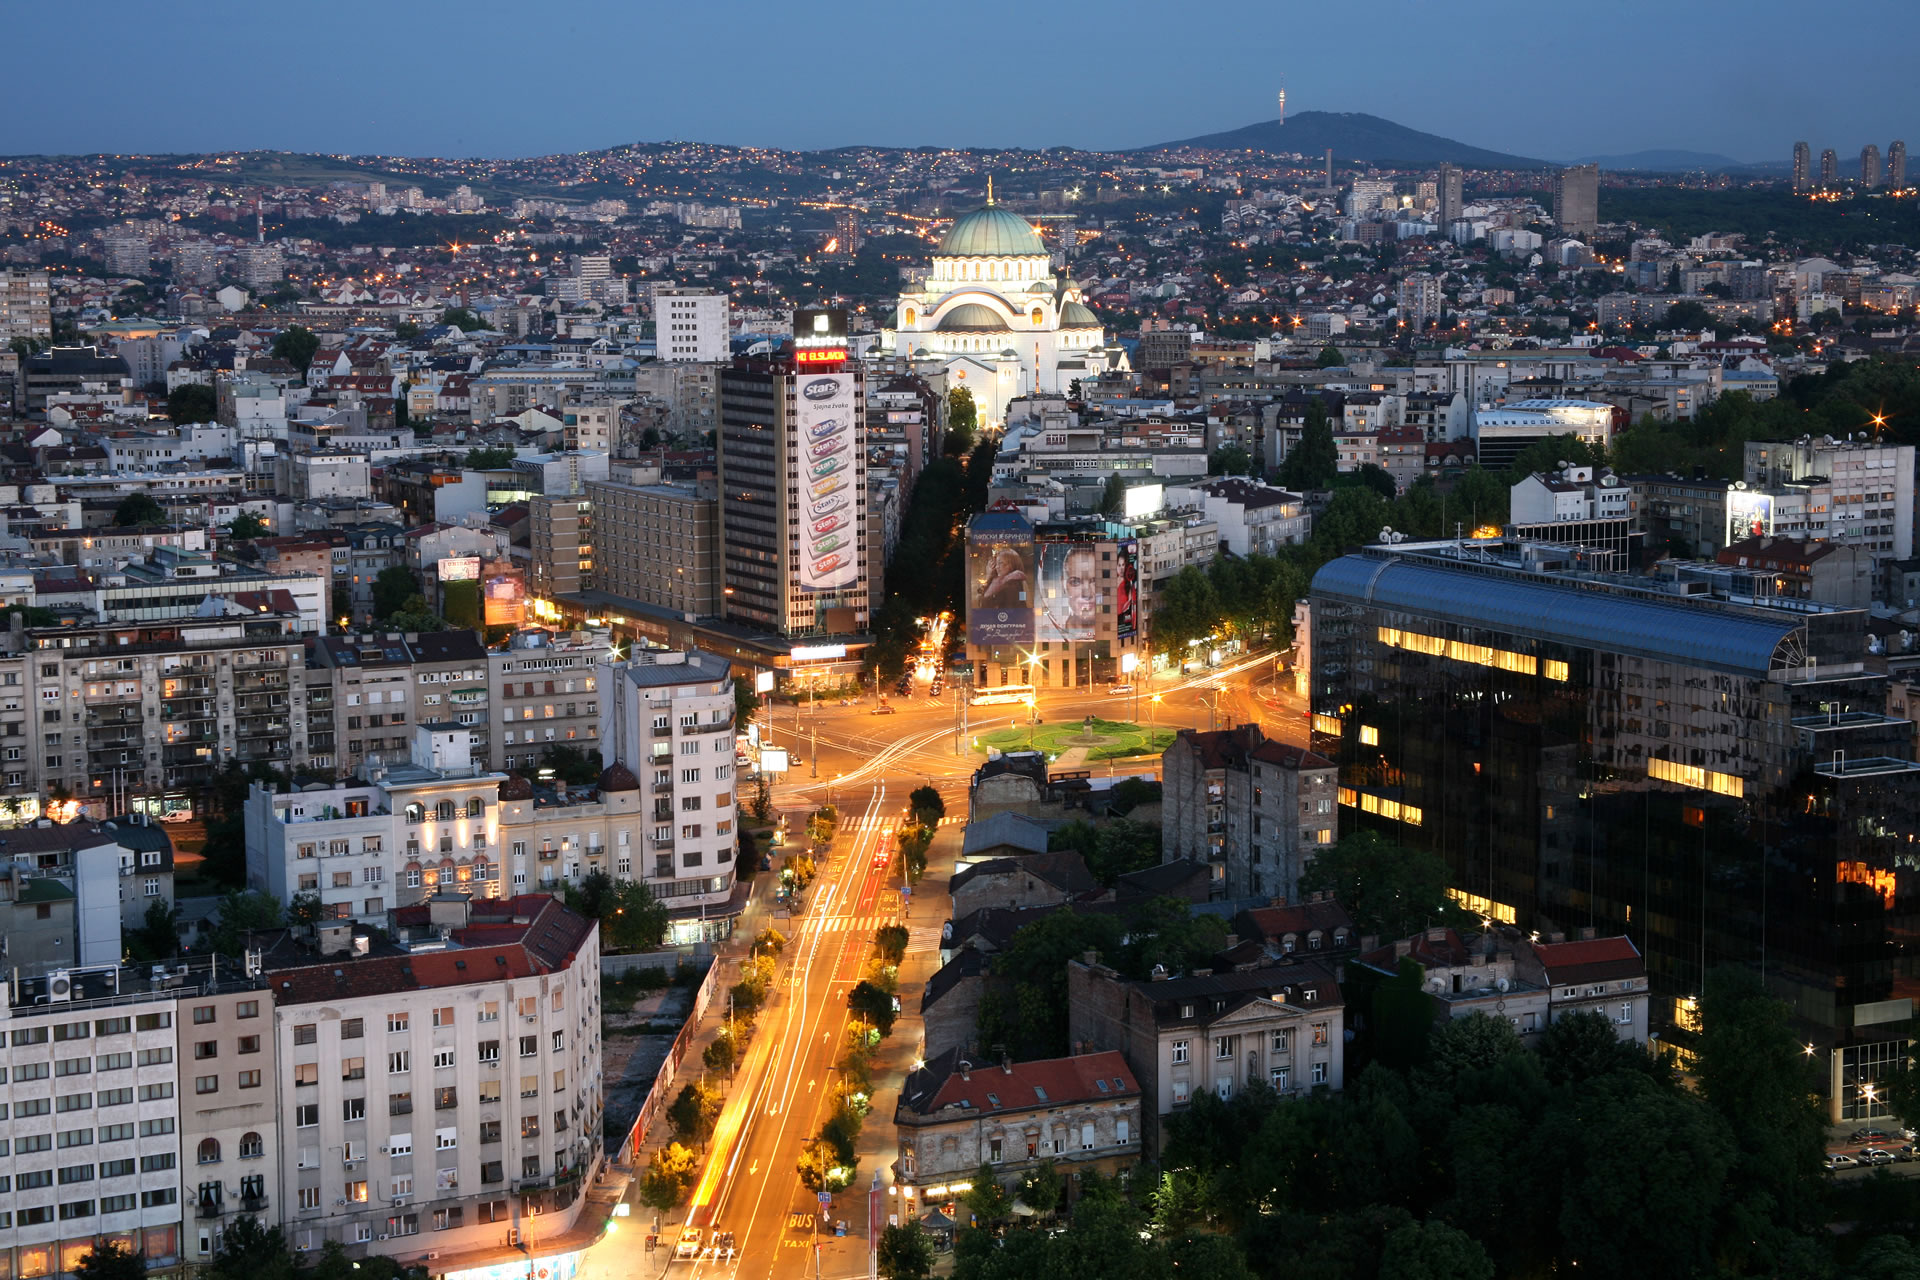 efd368589415b8 slavija square - Slavija Garni Hotel Belgrade